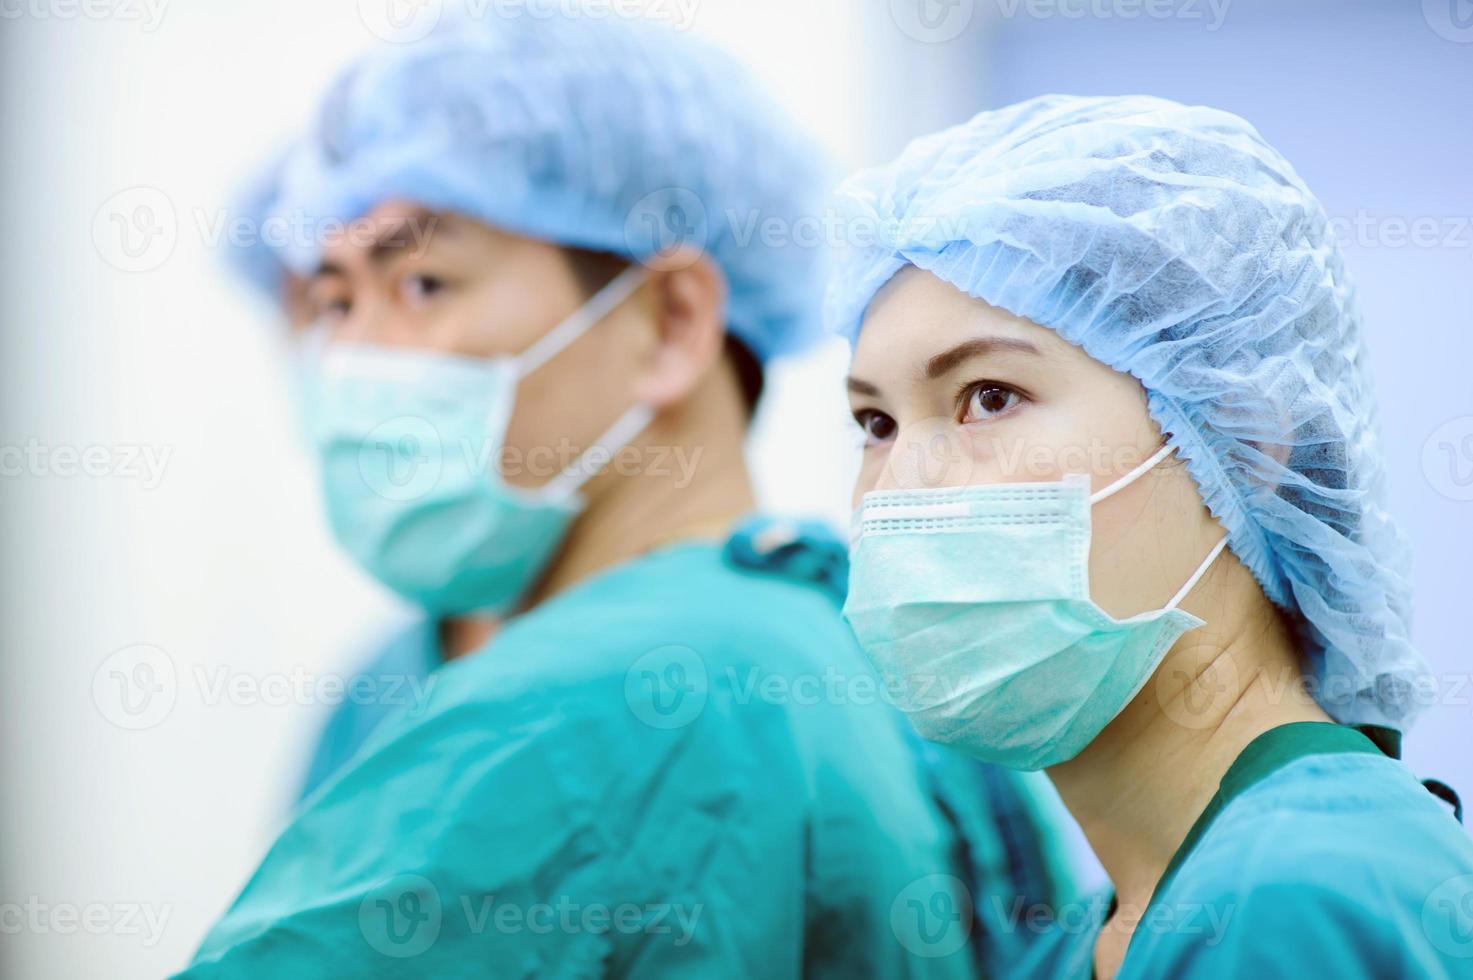 equipe de veterinários foto